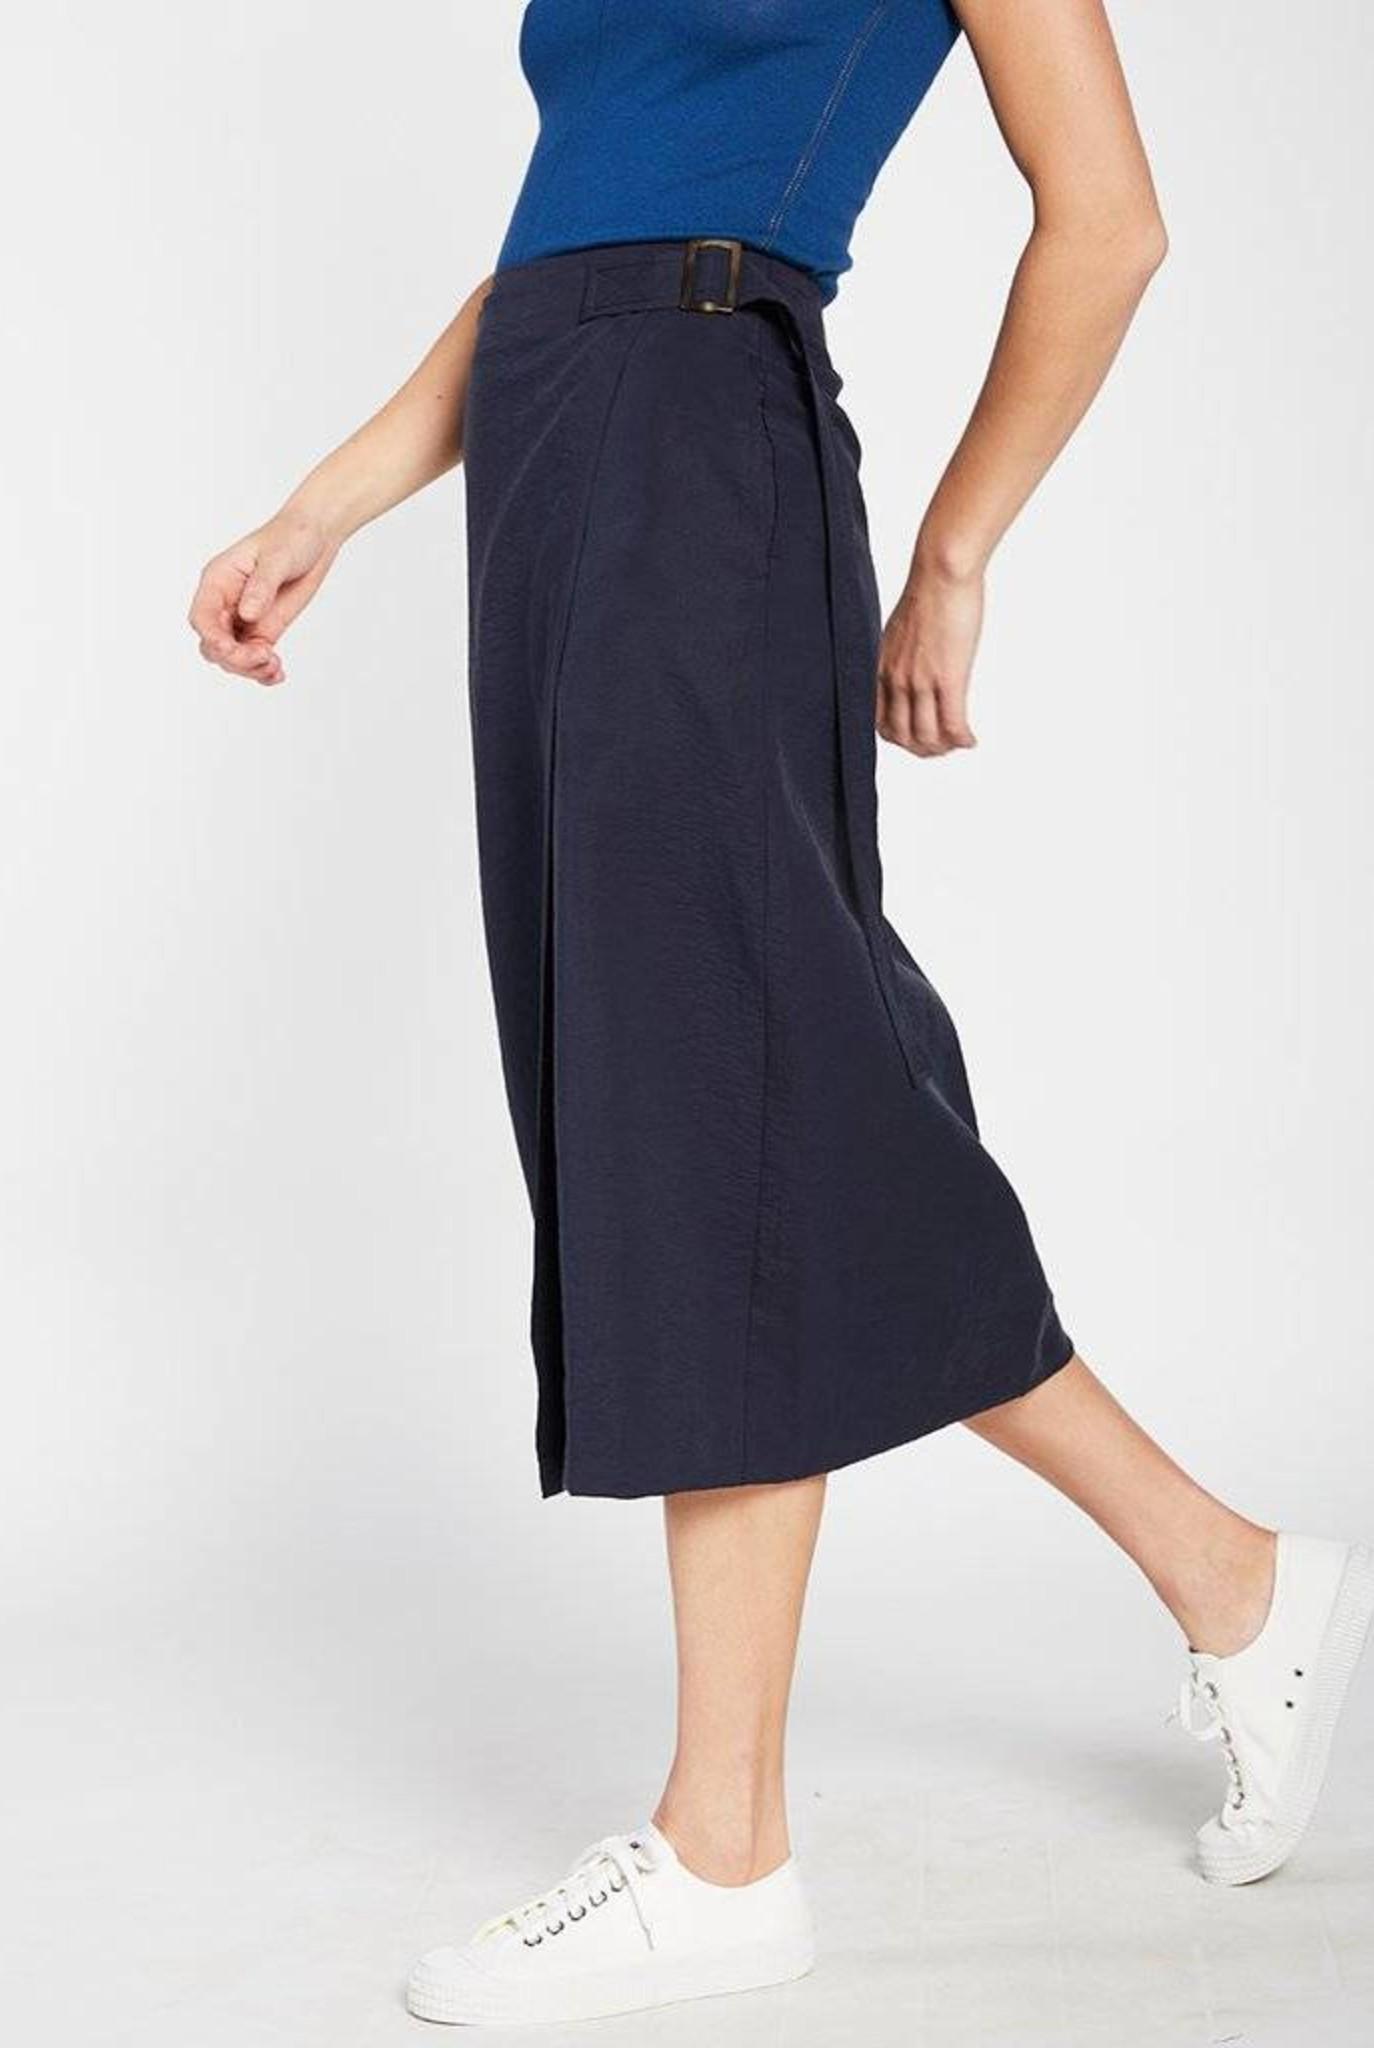 Tarkovsky skirt night blue